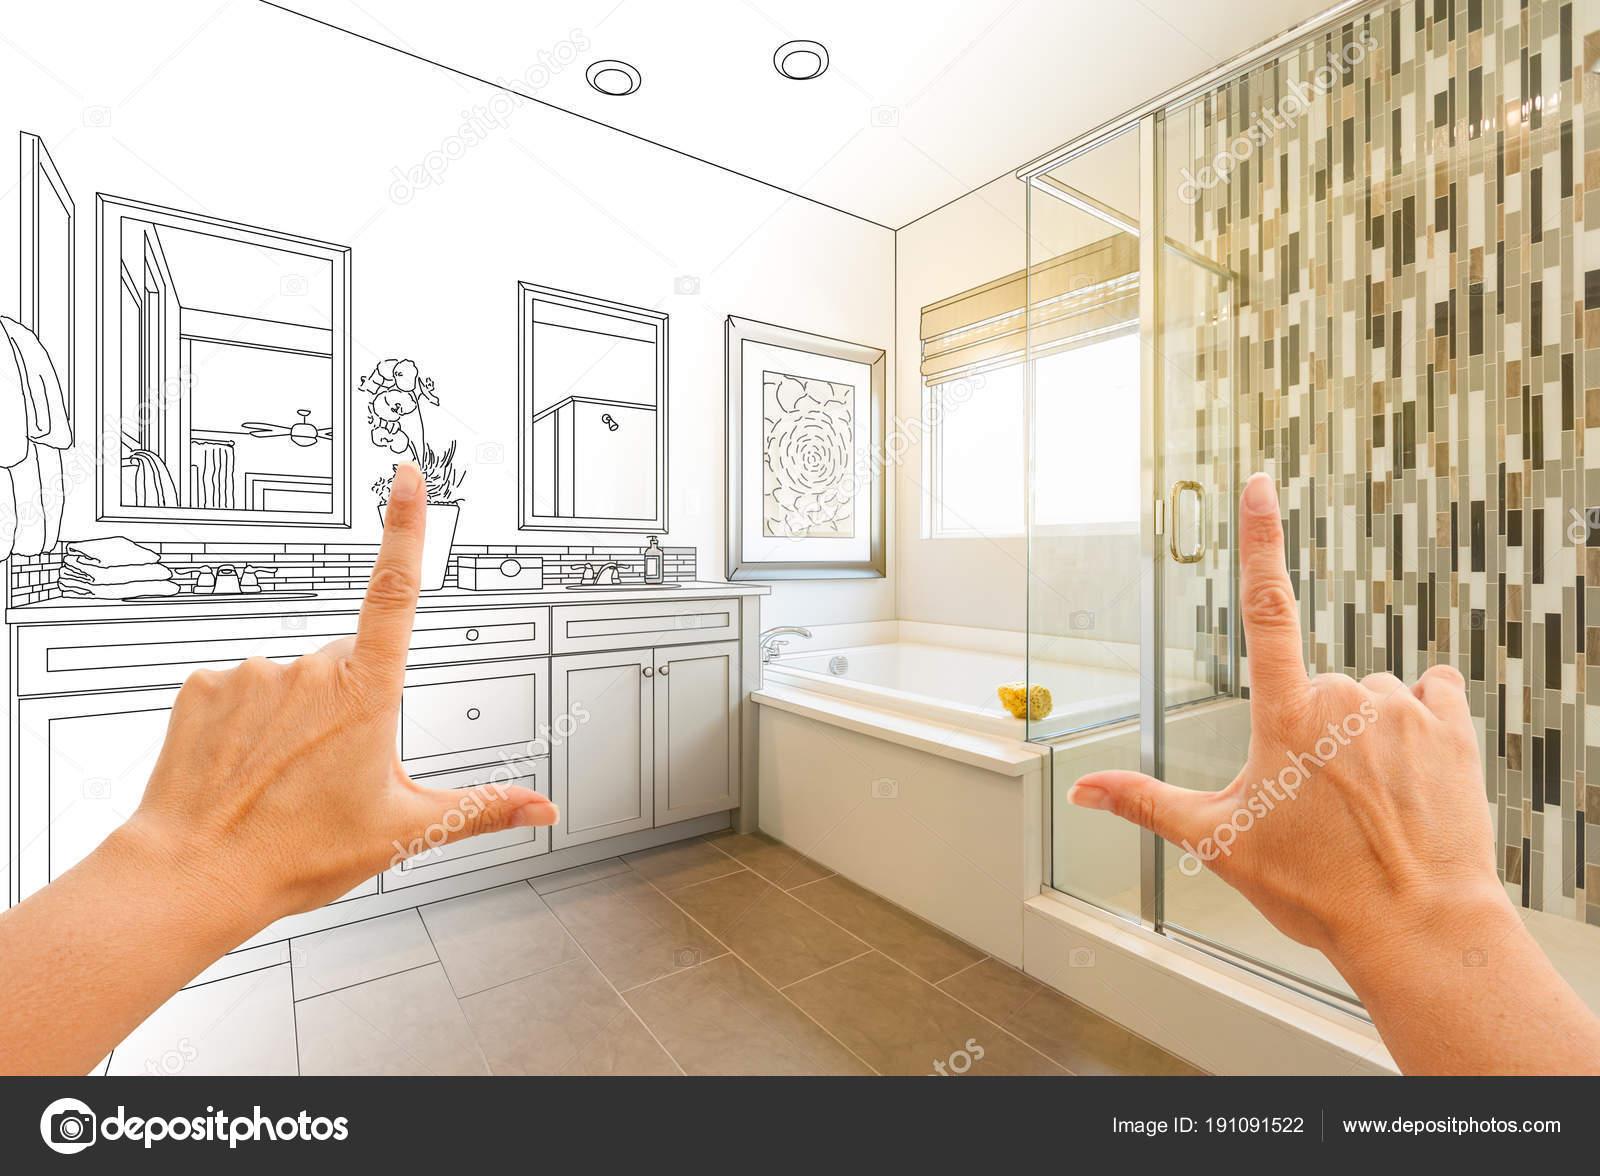 Manos baño enmarcado personalizado principal dibujo y Foto de ...